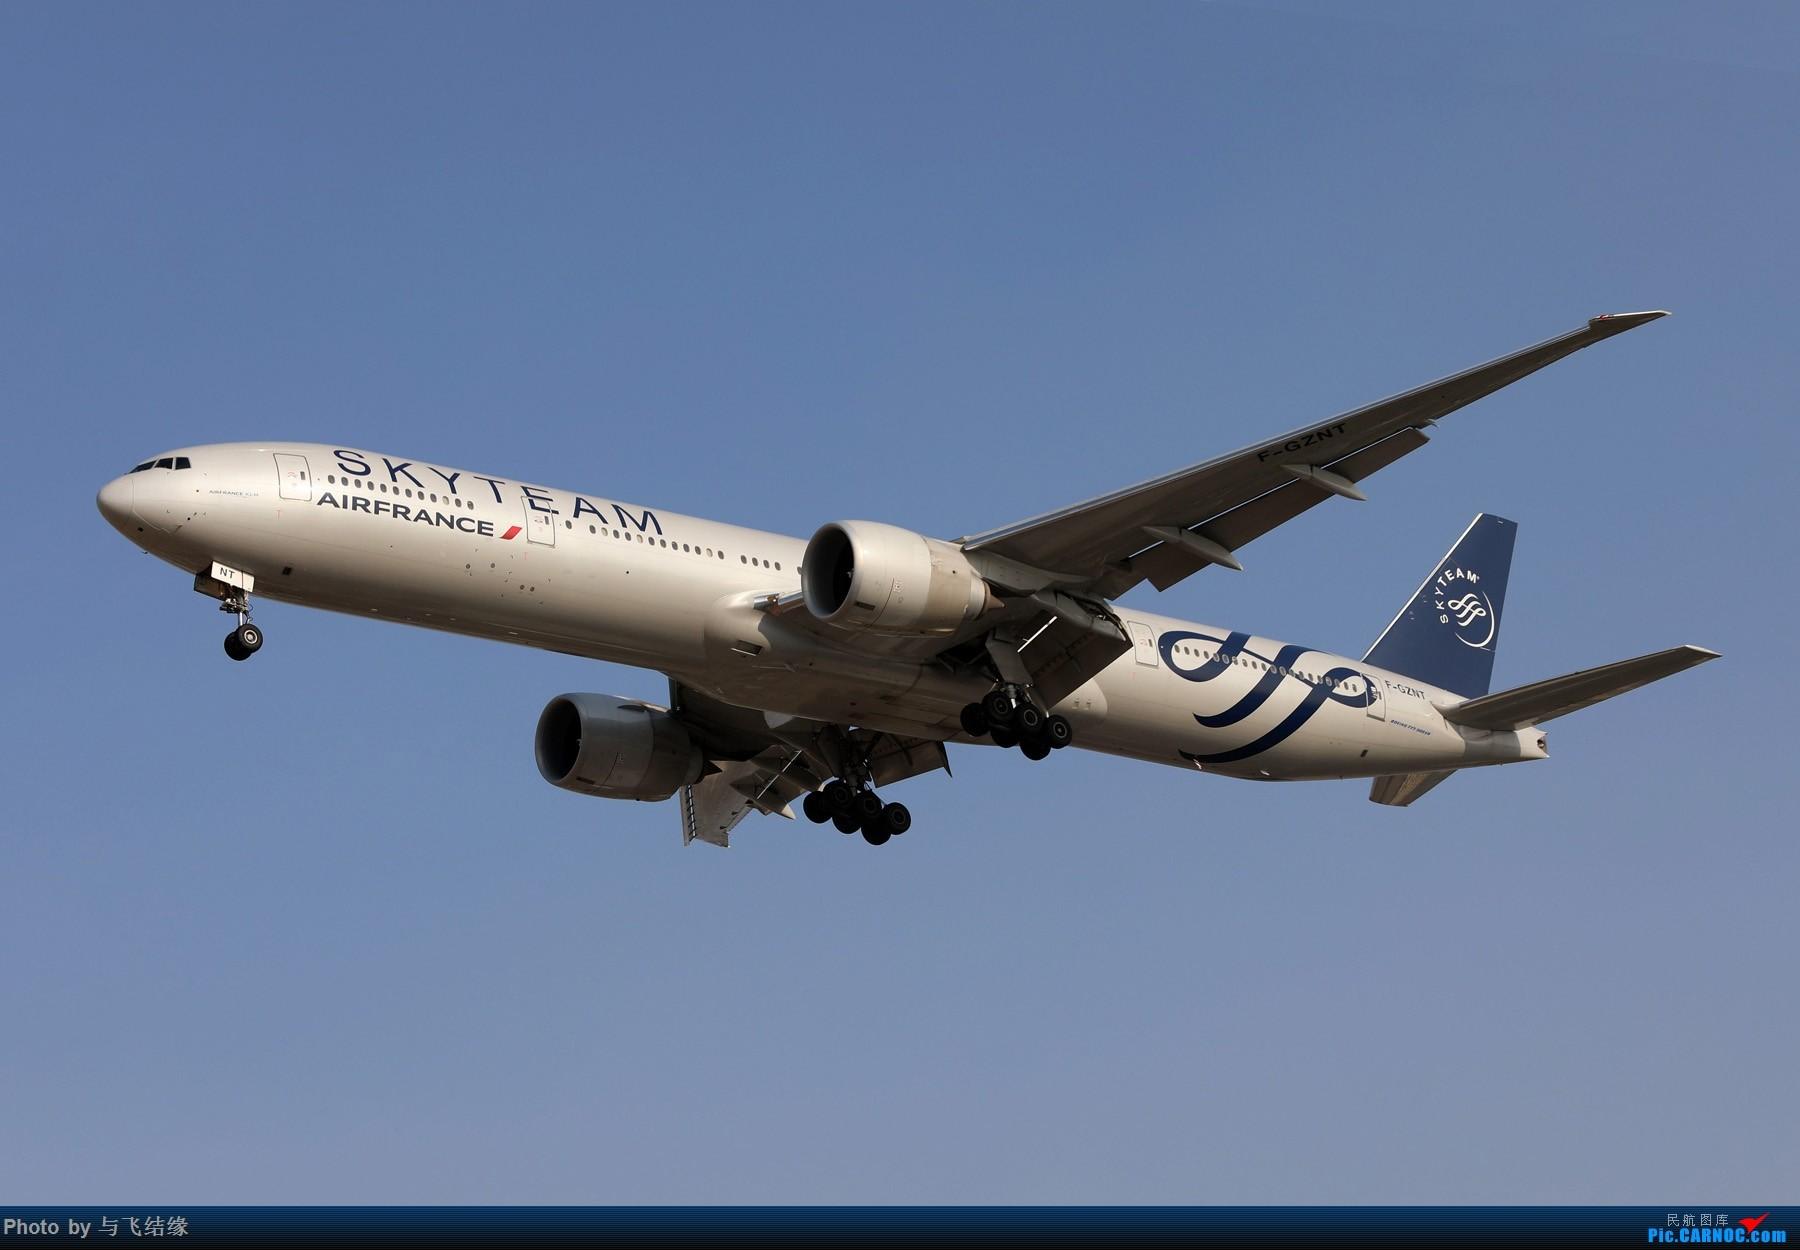 法国航空公司天合联盟涂装Boeing 777-300ER。 BOEING 777-300ER F-QZNT 中国北京首都国际机场